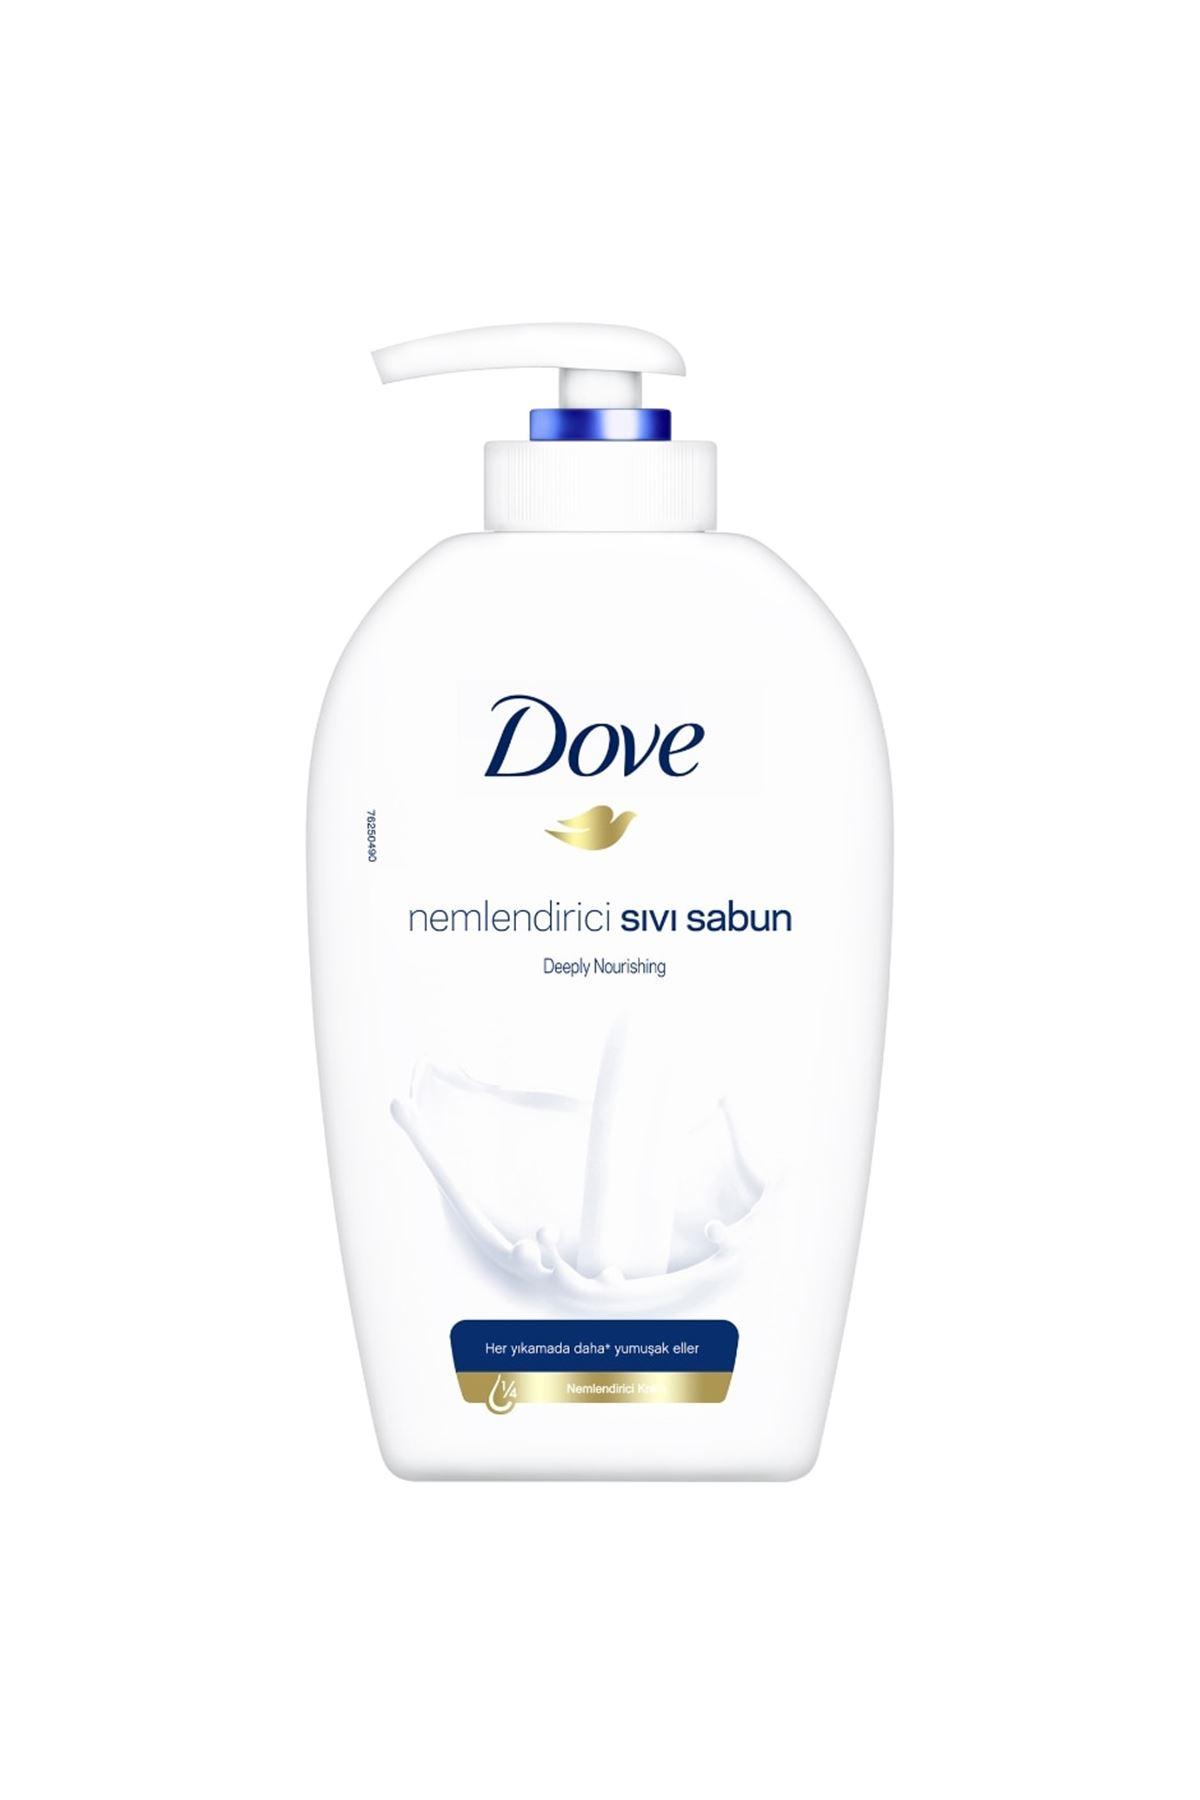 Dove Deeply Nourishing Nemlendirici Sıvı Sabun 500 ml